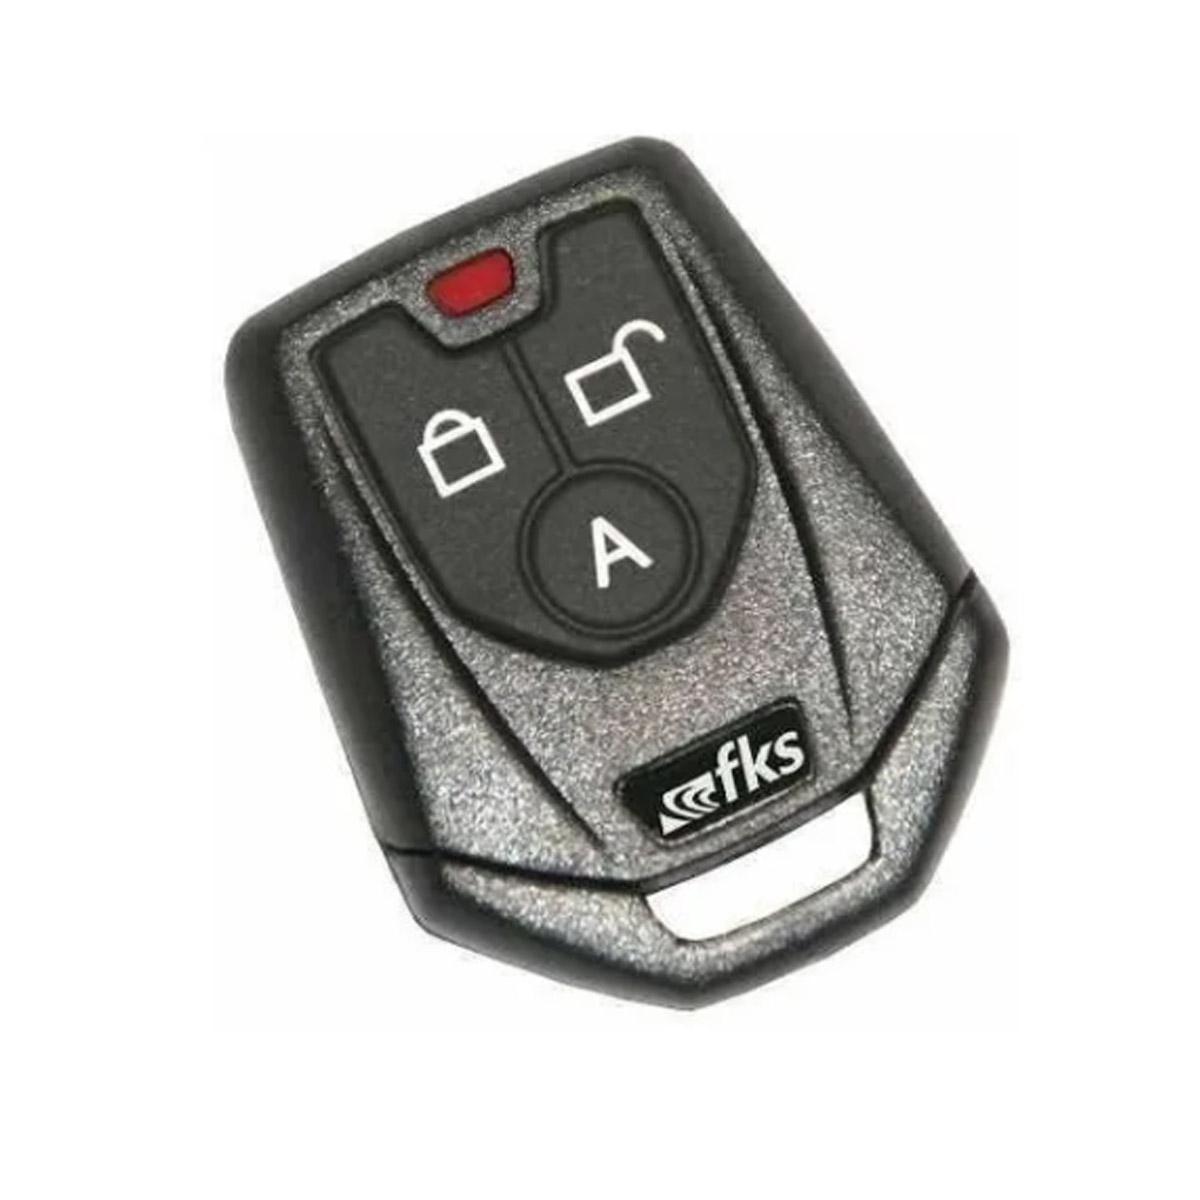 Controle Remoto Alarme FkS CR941 Ultrafino